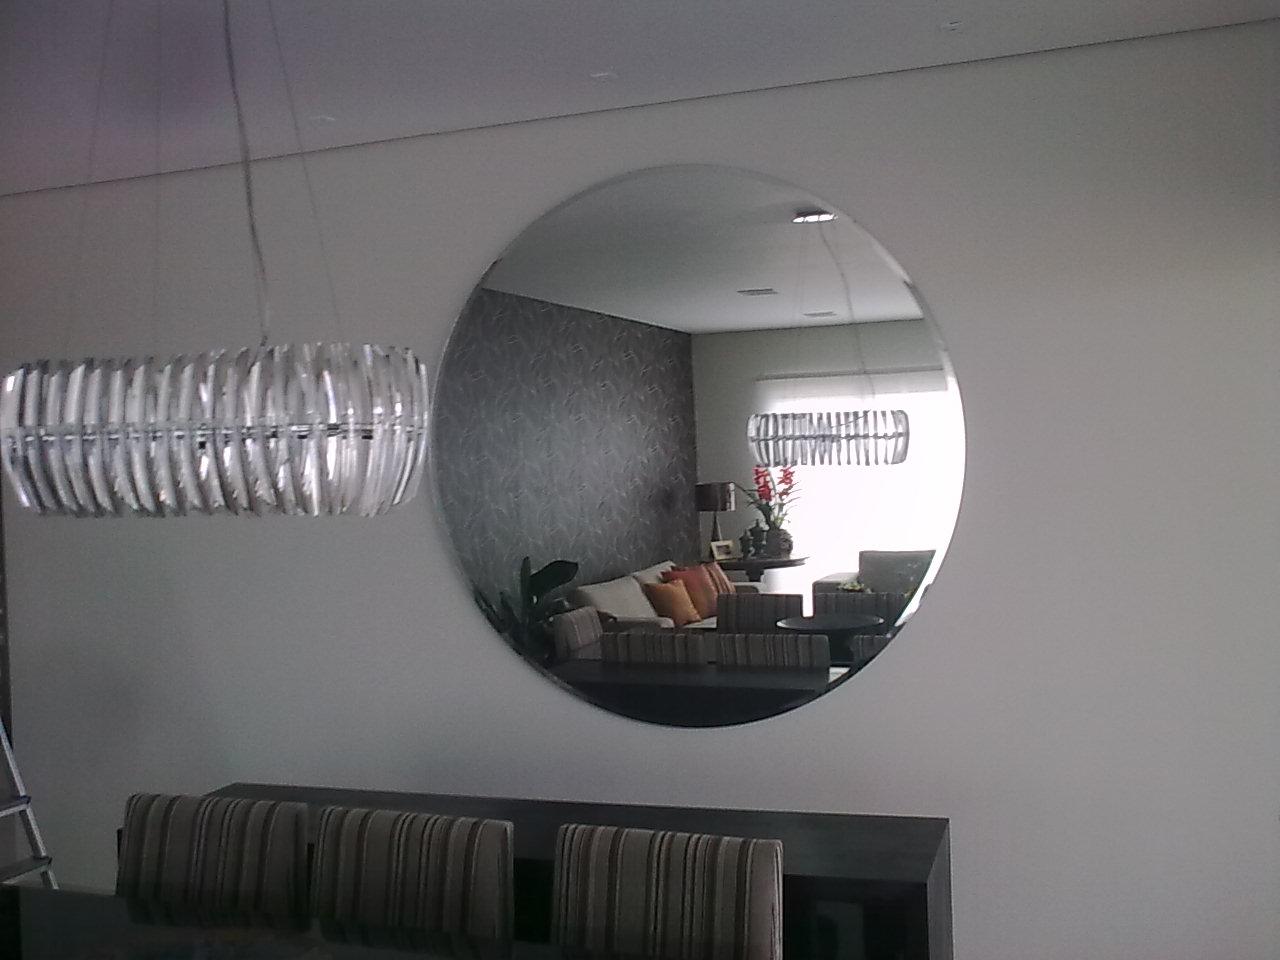 Imagens de #5F4A45 Sacadas Vidros temperados pele de vidro espelhos box para banheiro  1280x960 px 2684 Box Banheiro Ribeirão Preto